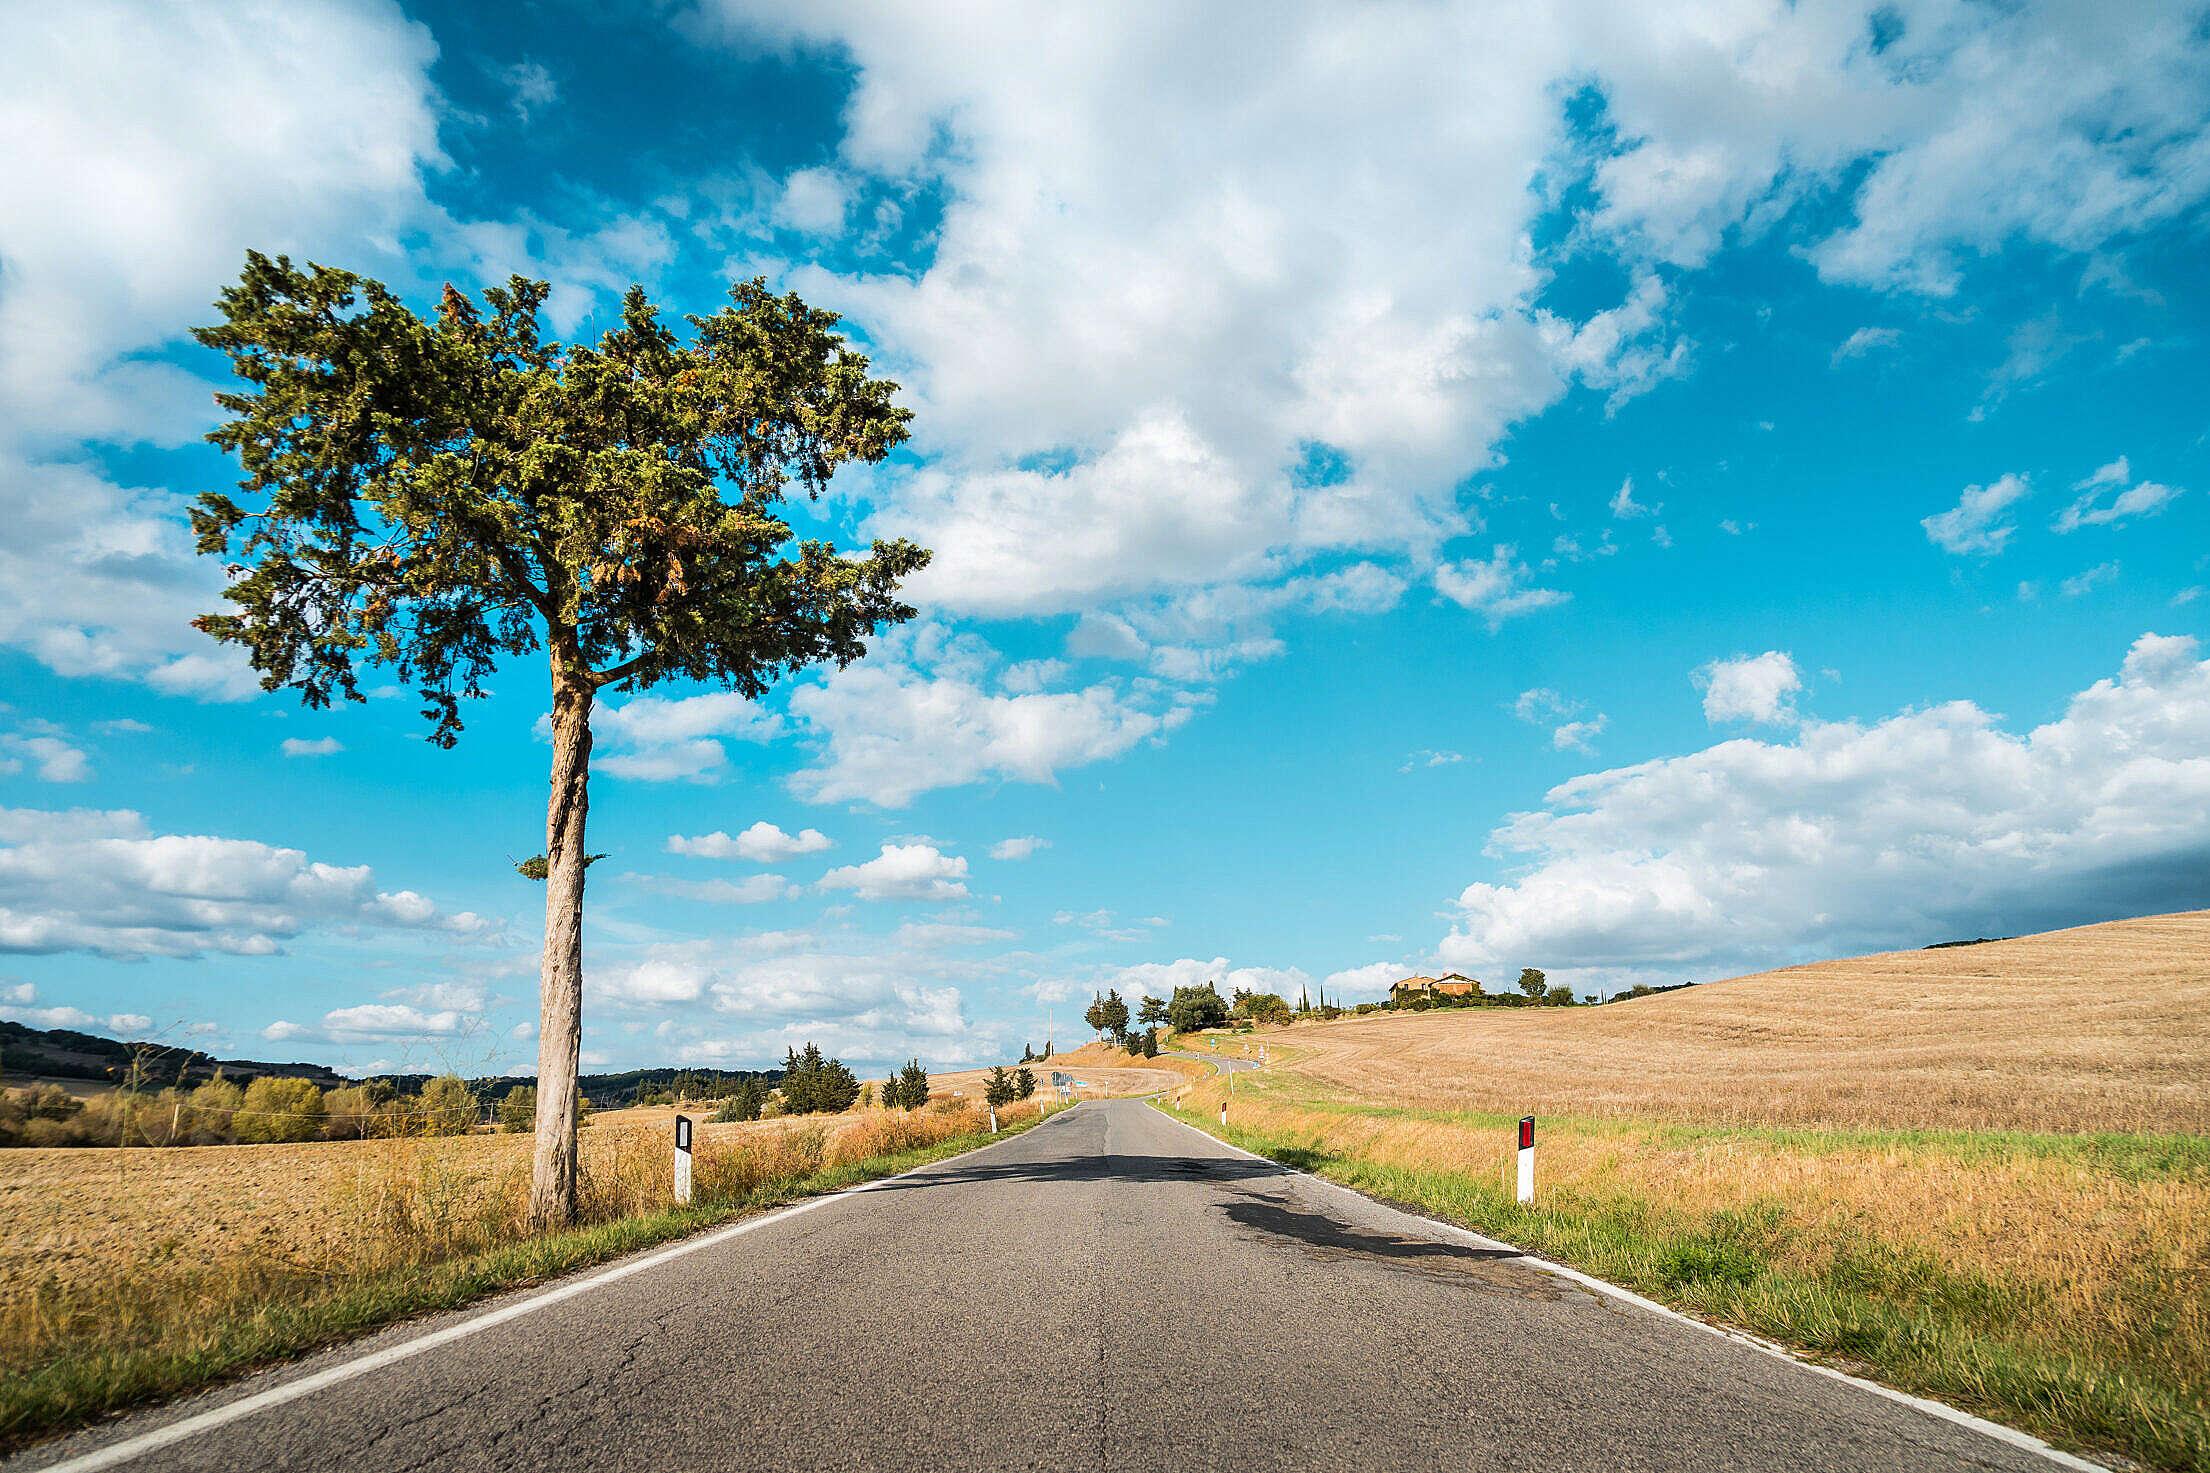 Road in Tuscany, Italy Free Stock Photo